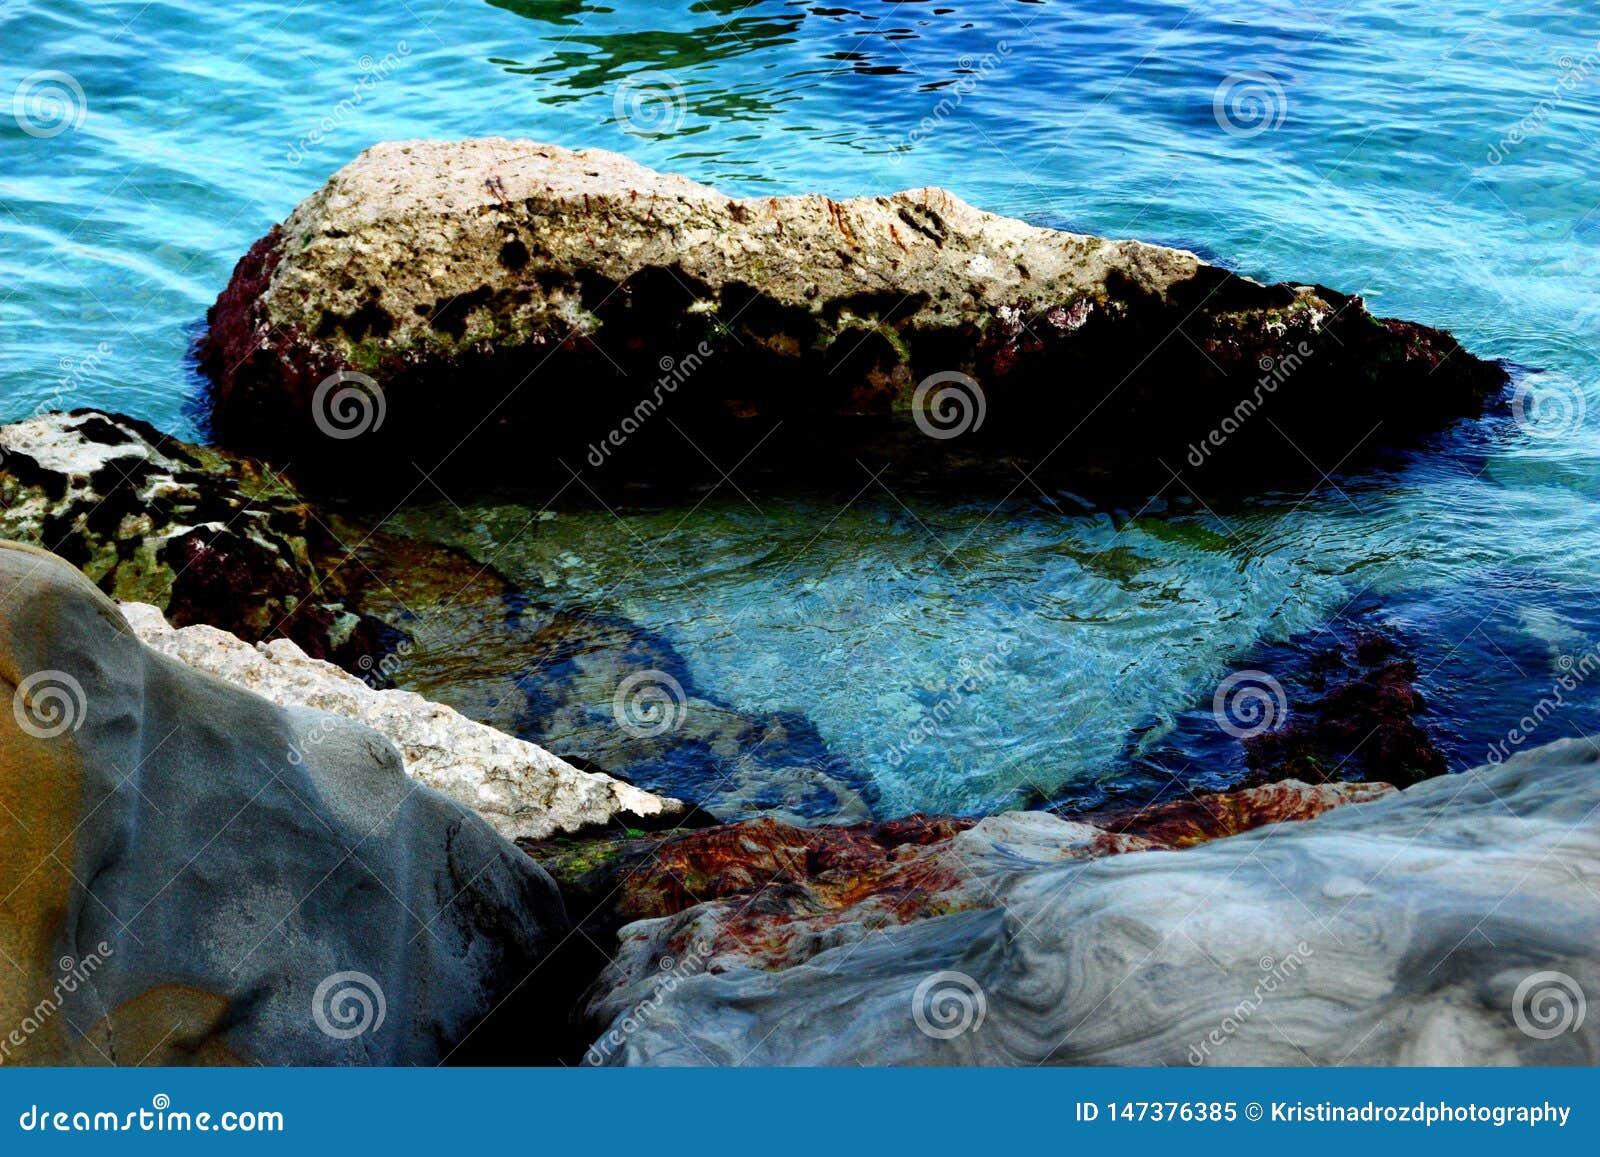 Aguas transparentes del mar adriático que lava algunas piedras